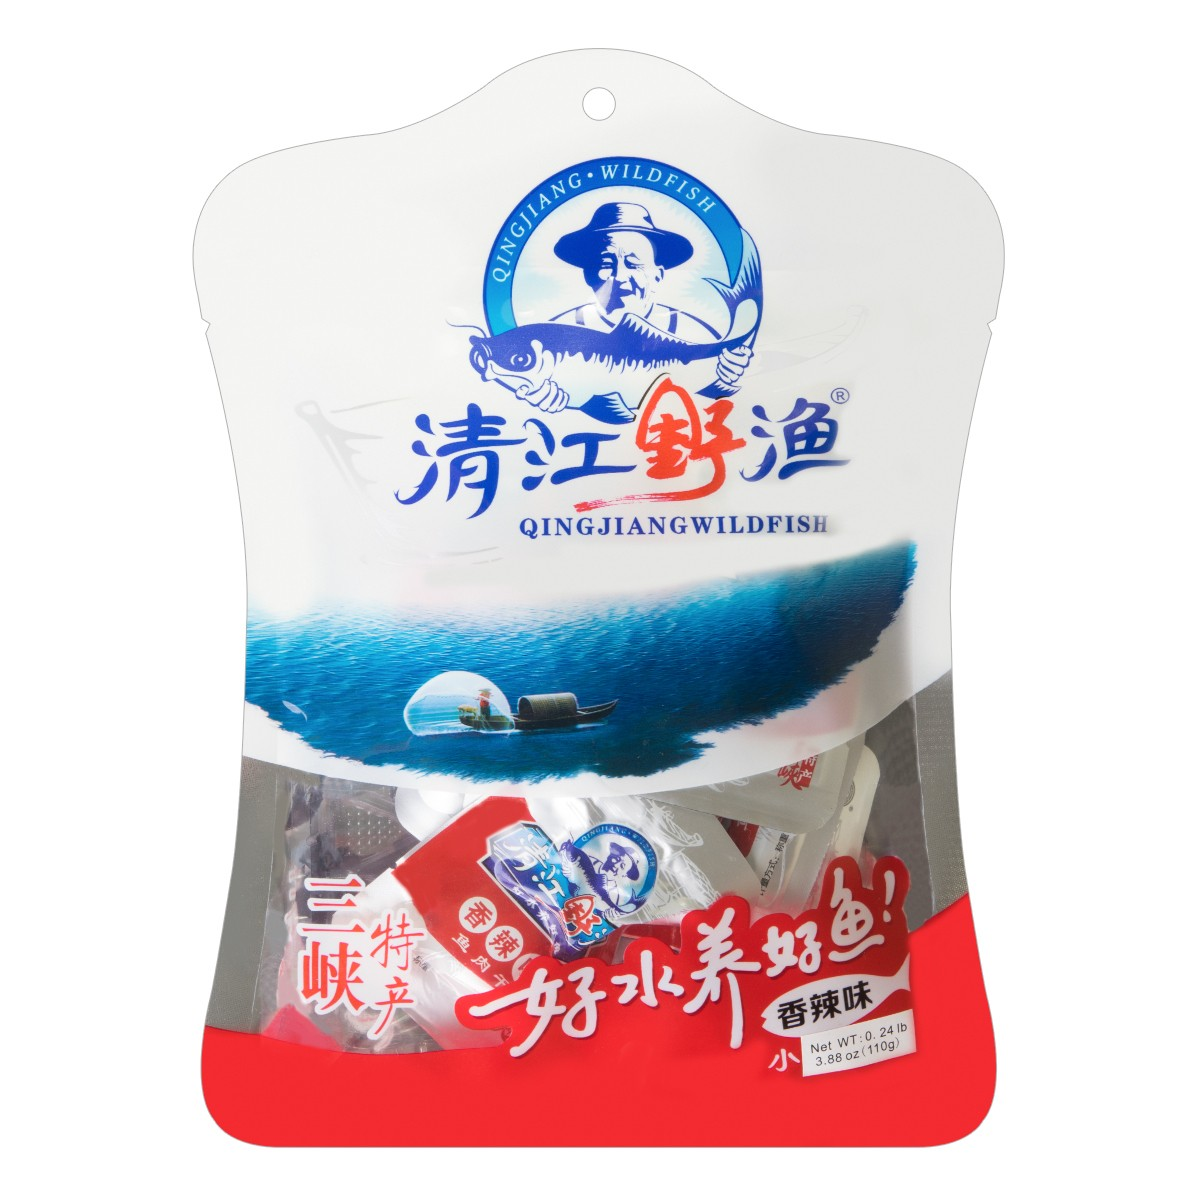 土老憨 清江野渔 鱼肉干 香辣味 110g 三峡特产